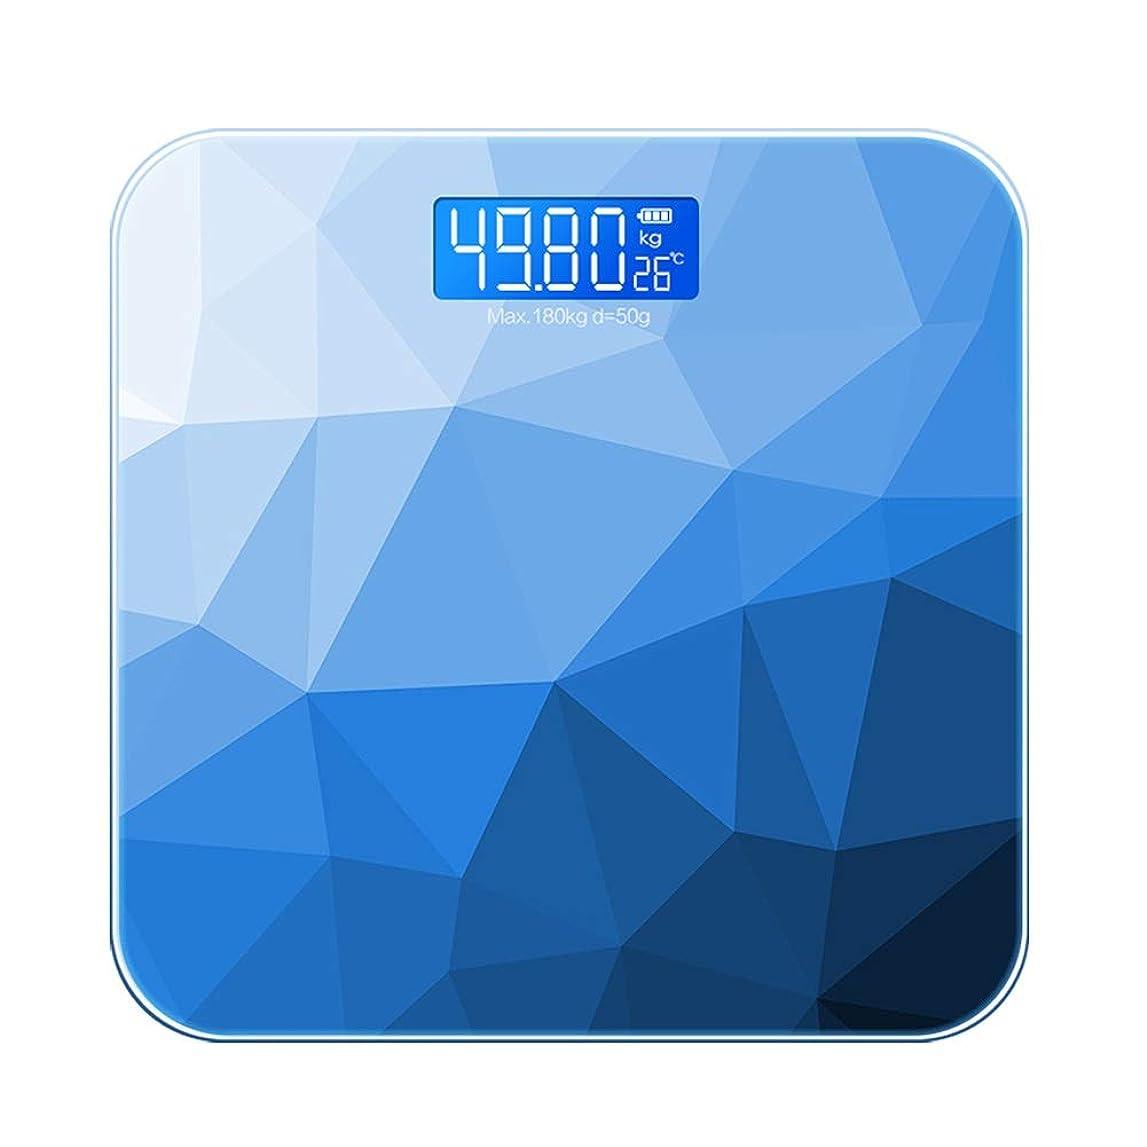 マグ恥ベンチ家庭用成人精密コンパクト体重計、小型体重減少計充電モデル - 10.2×10.2×0.8インチ LJKHFD (Color : Blue)